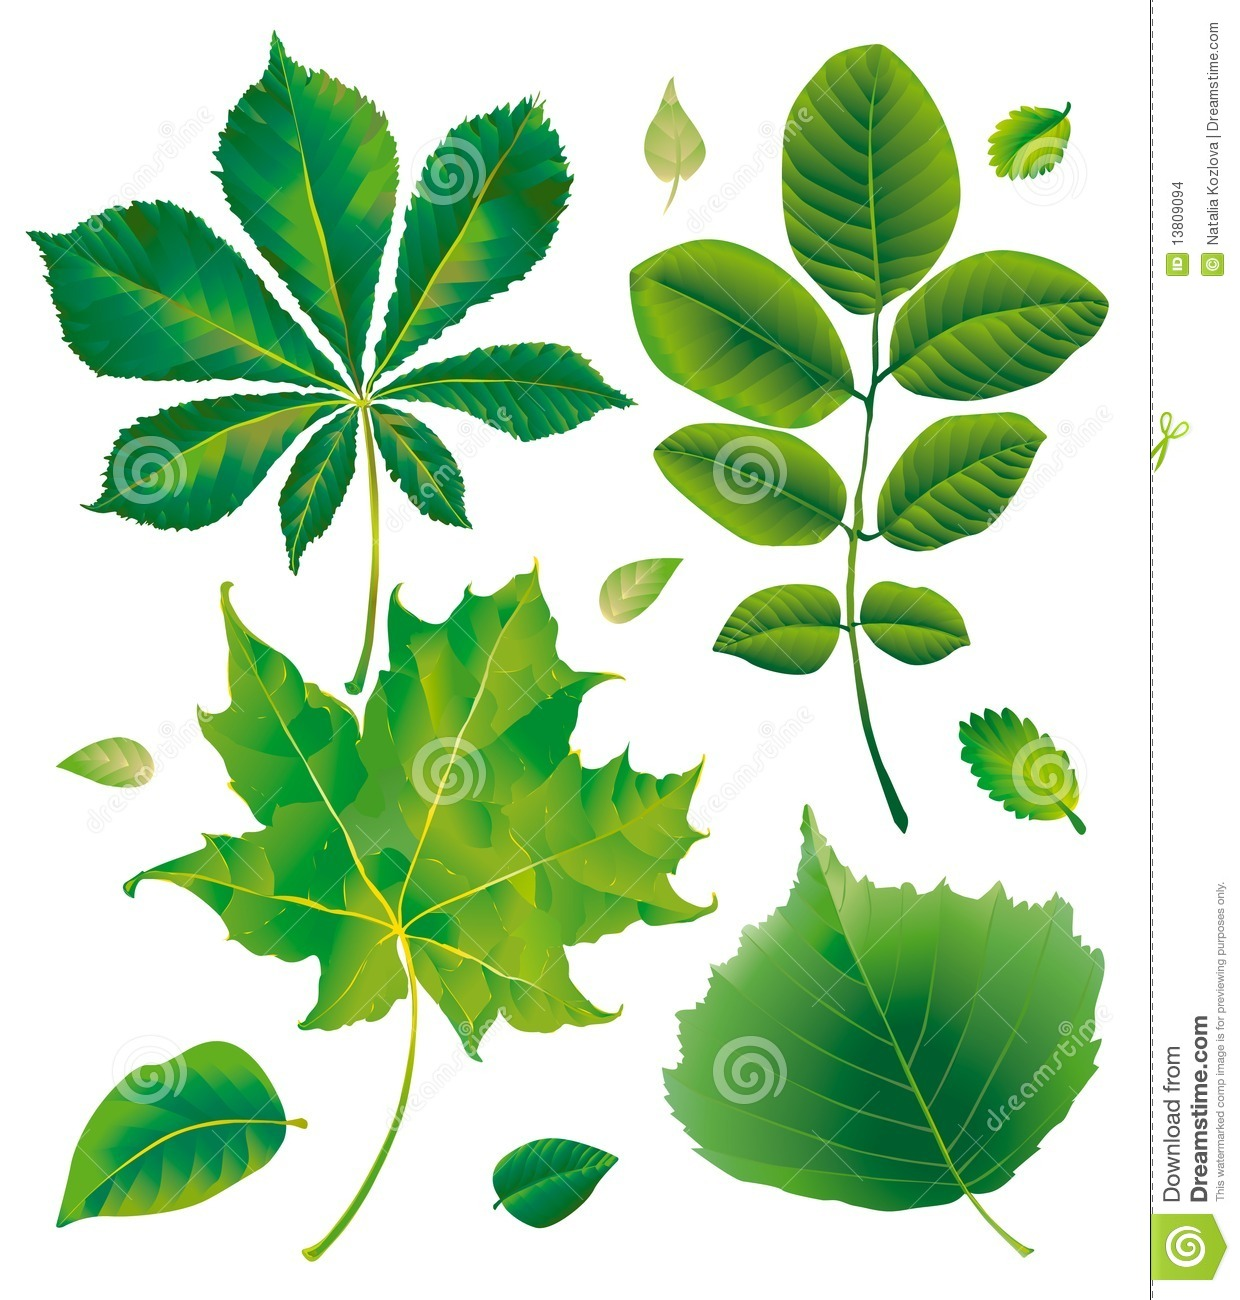 Leaf Chestnut Maple Walnut Hazelnut Stock Images.